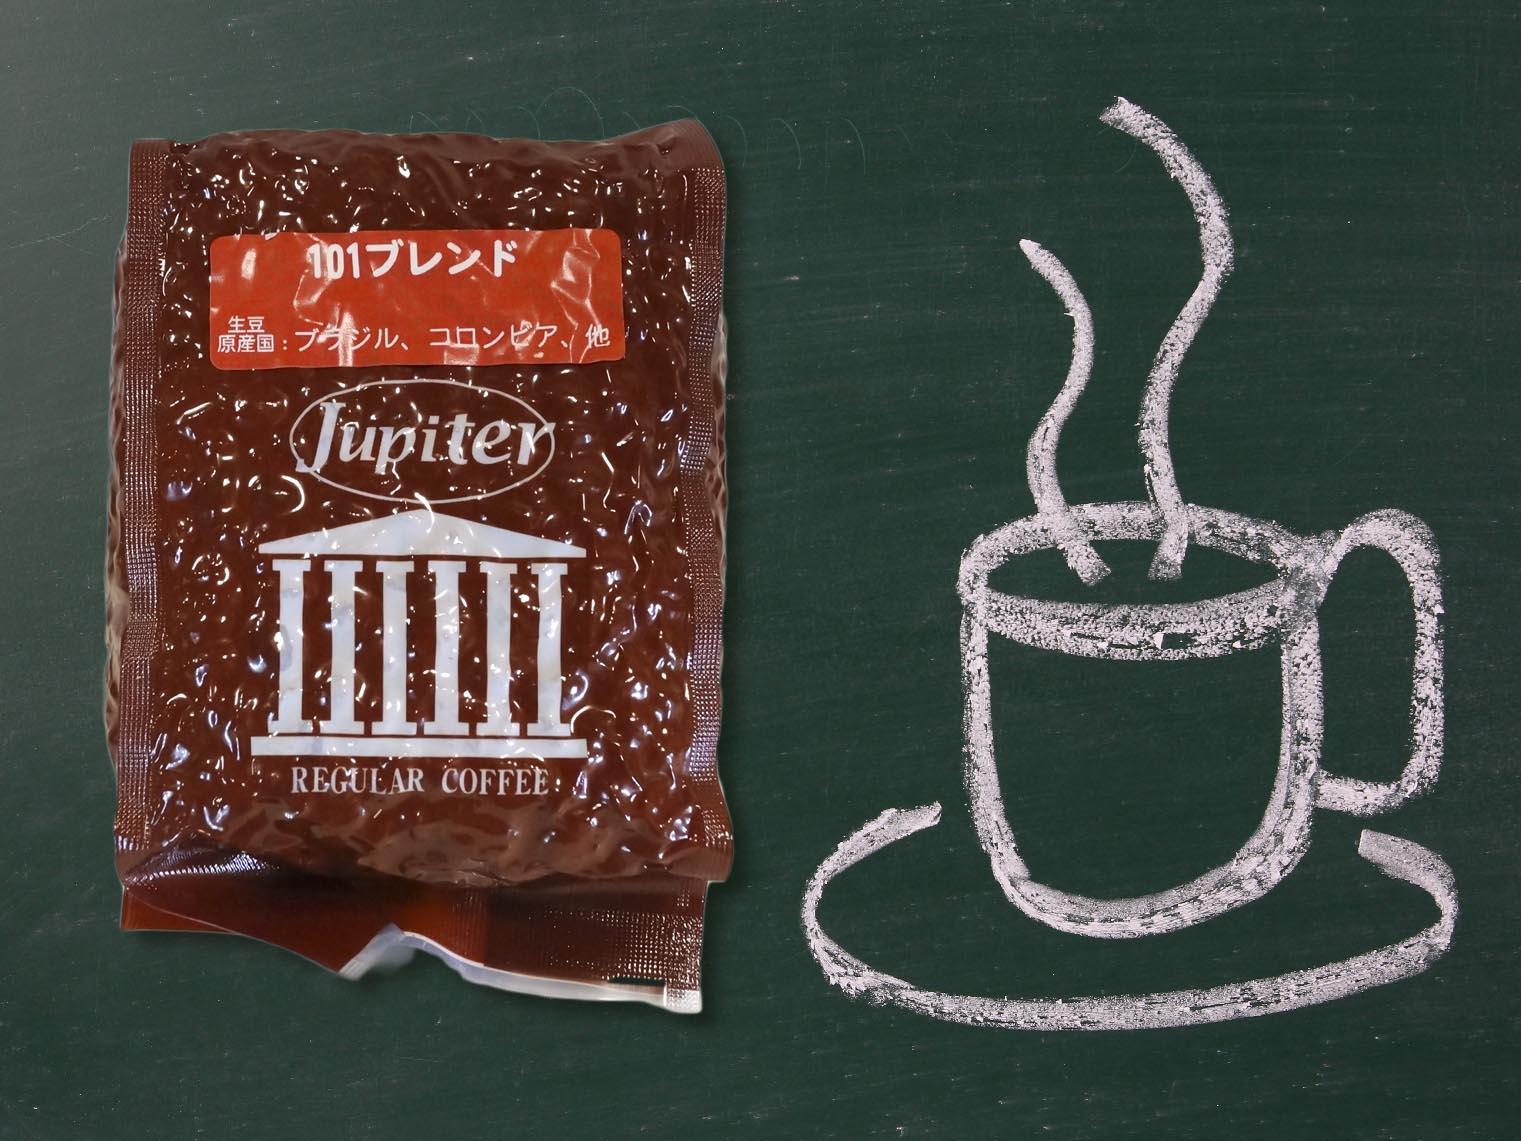 jupiter101-1